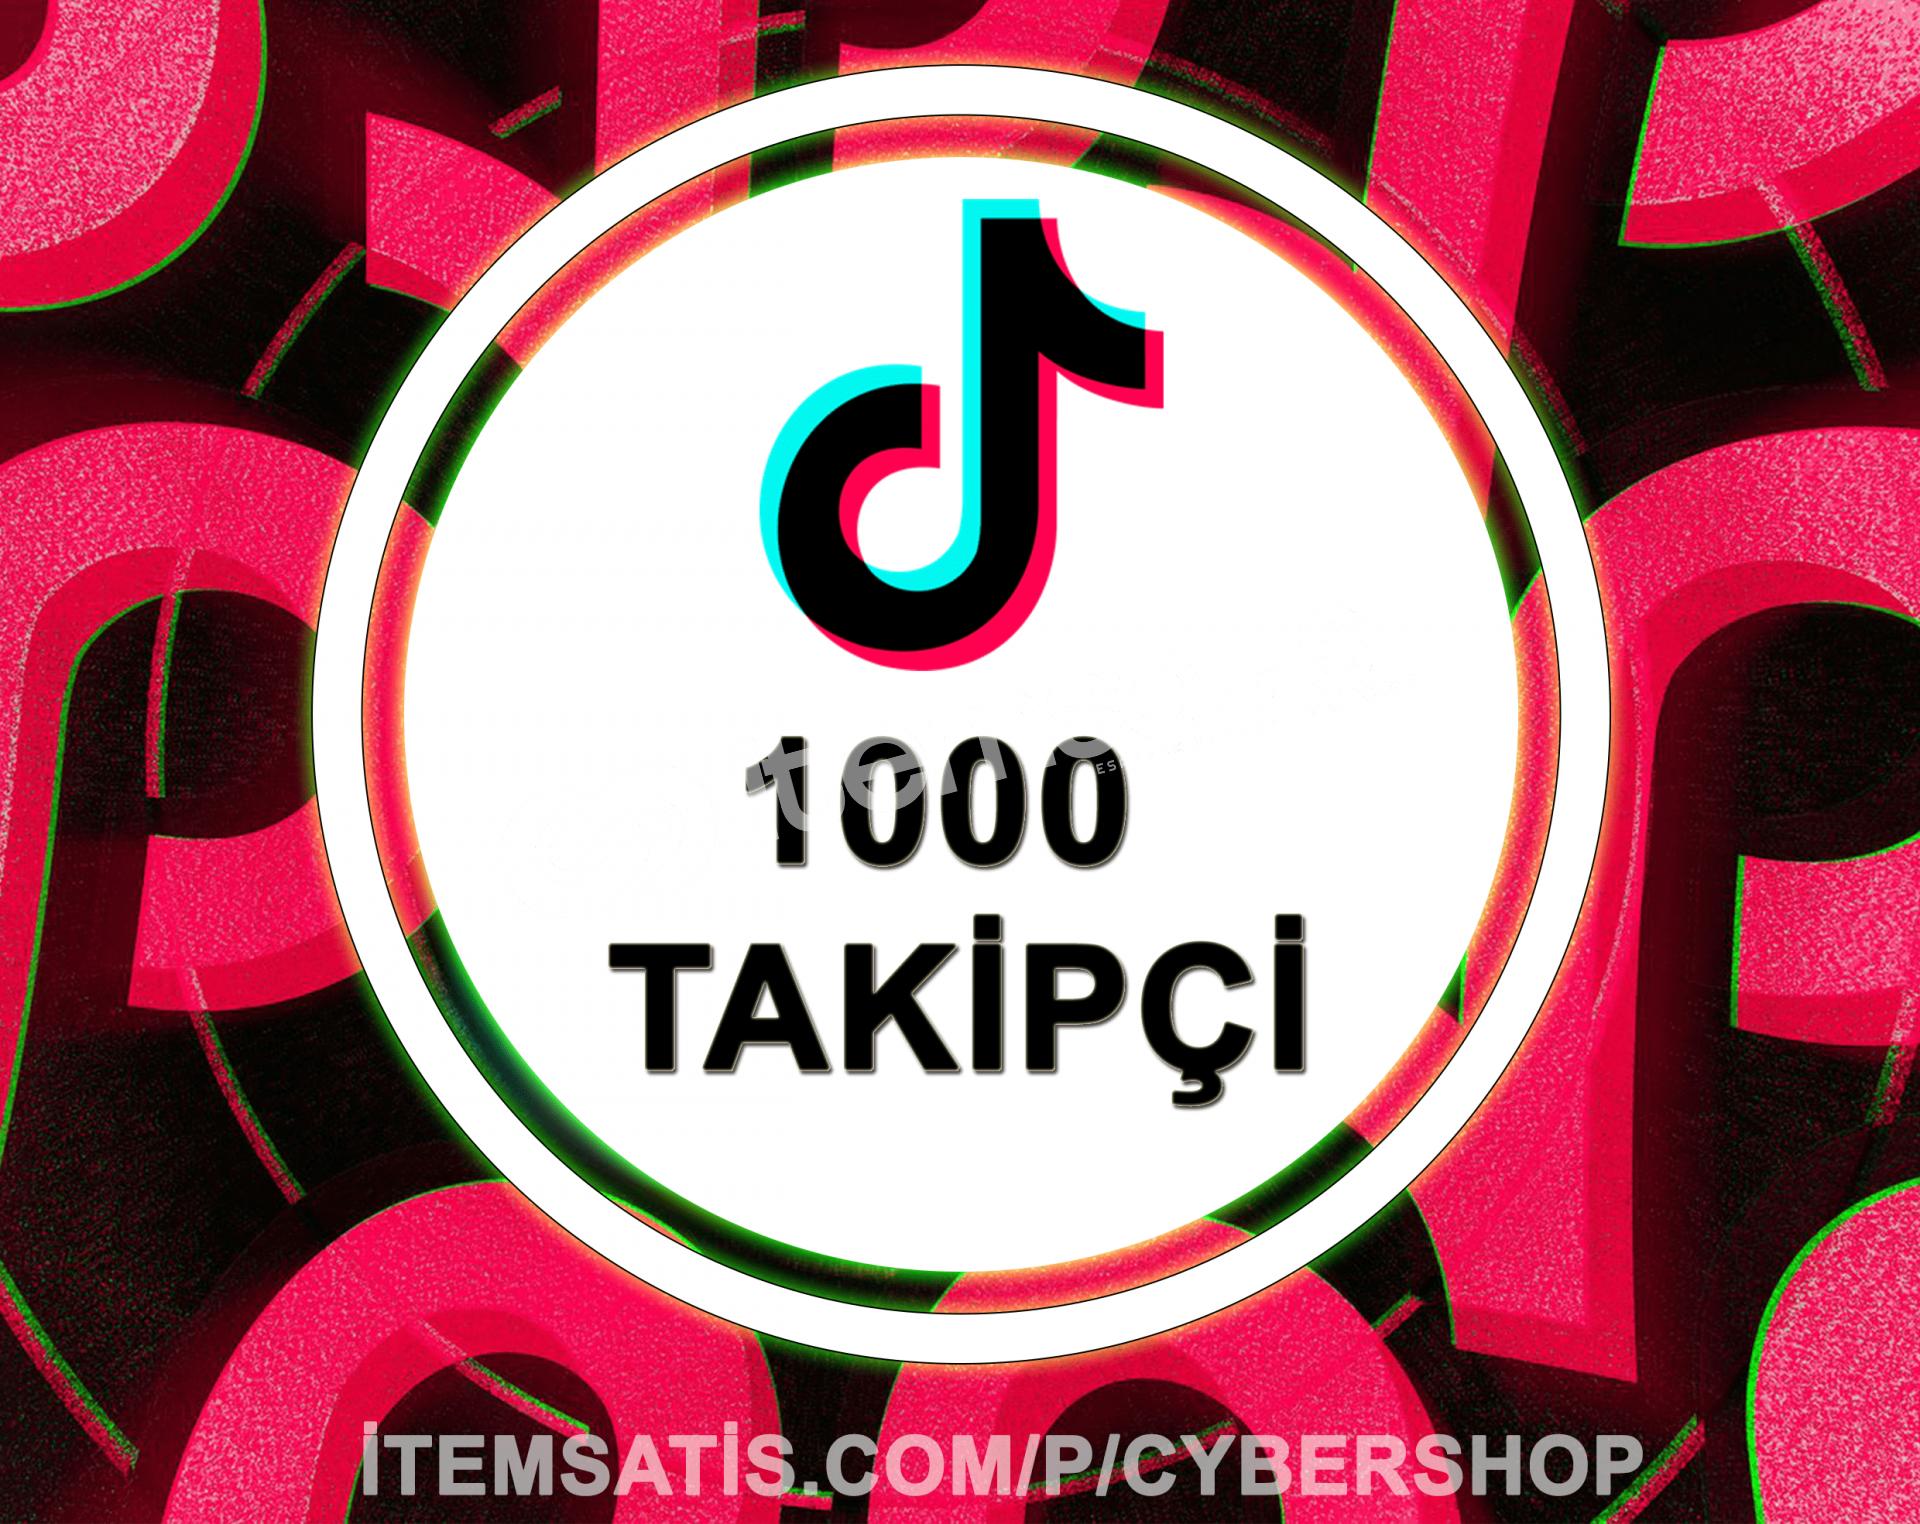 TikTok 1000 Takipçi Paketi (Anlık Gönderim)